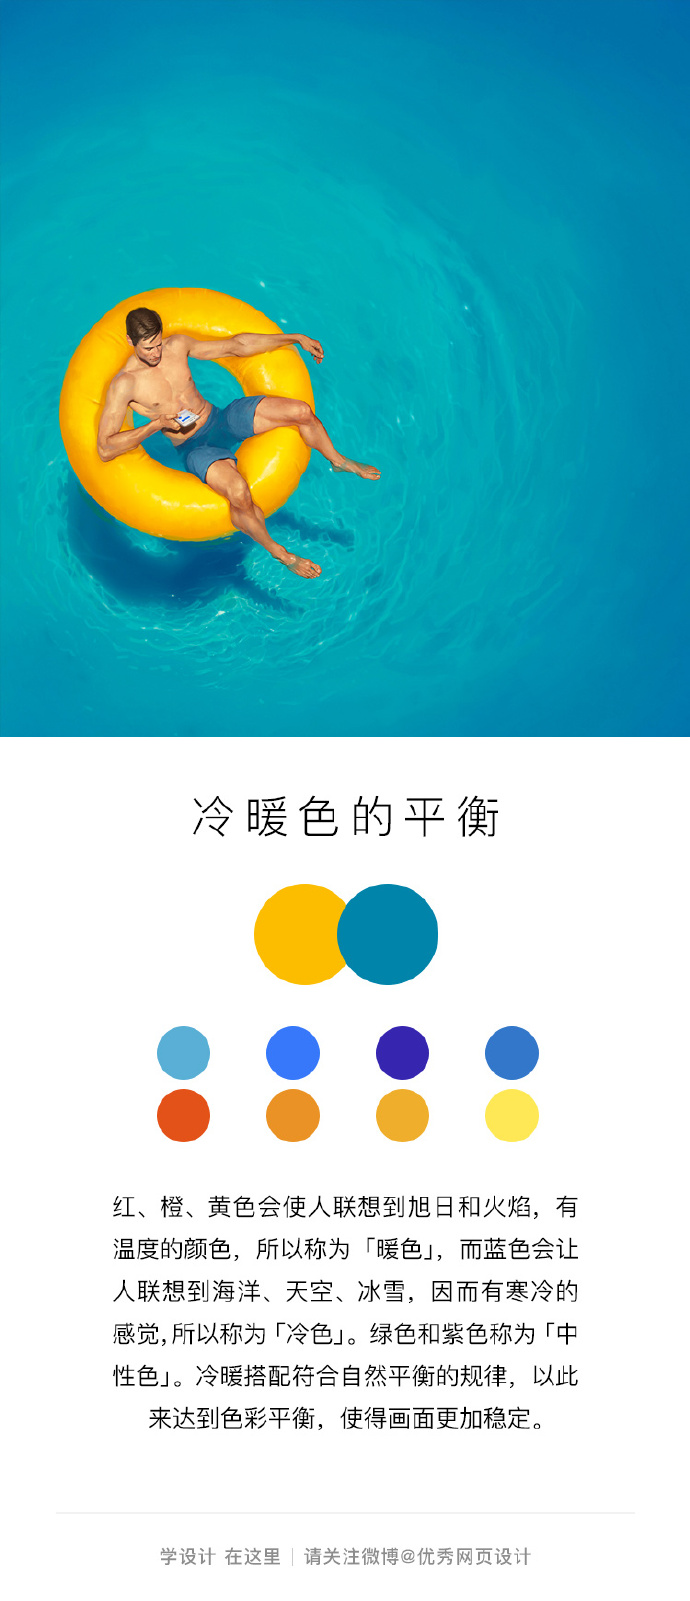 uisdc-color-20170125-3